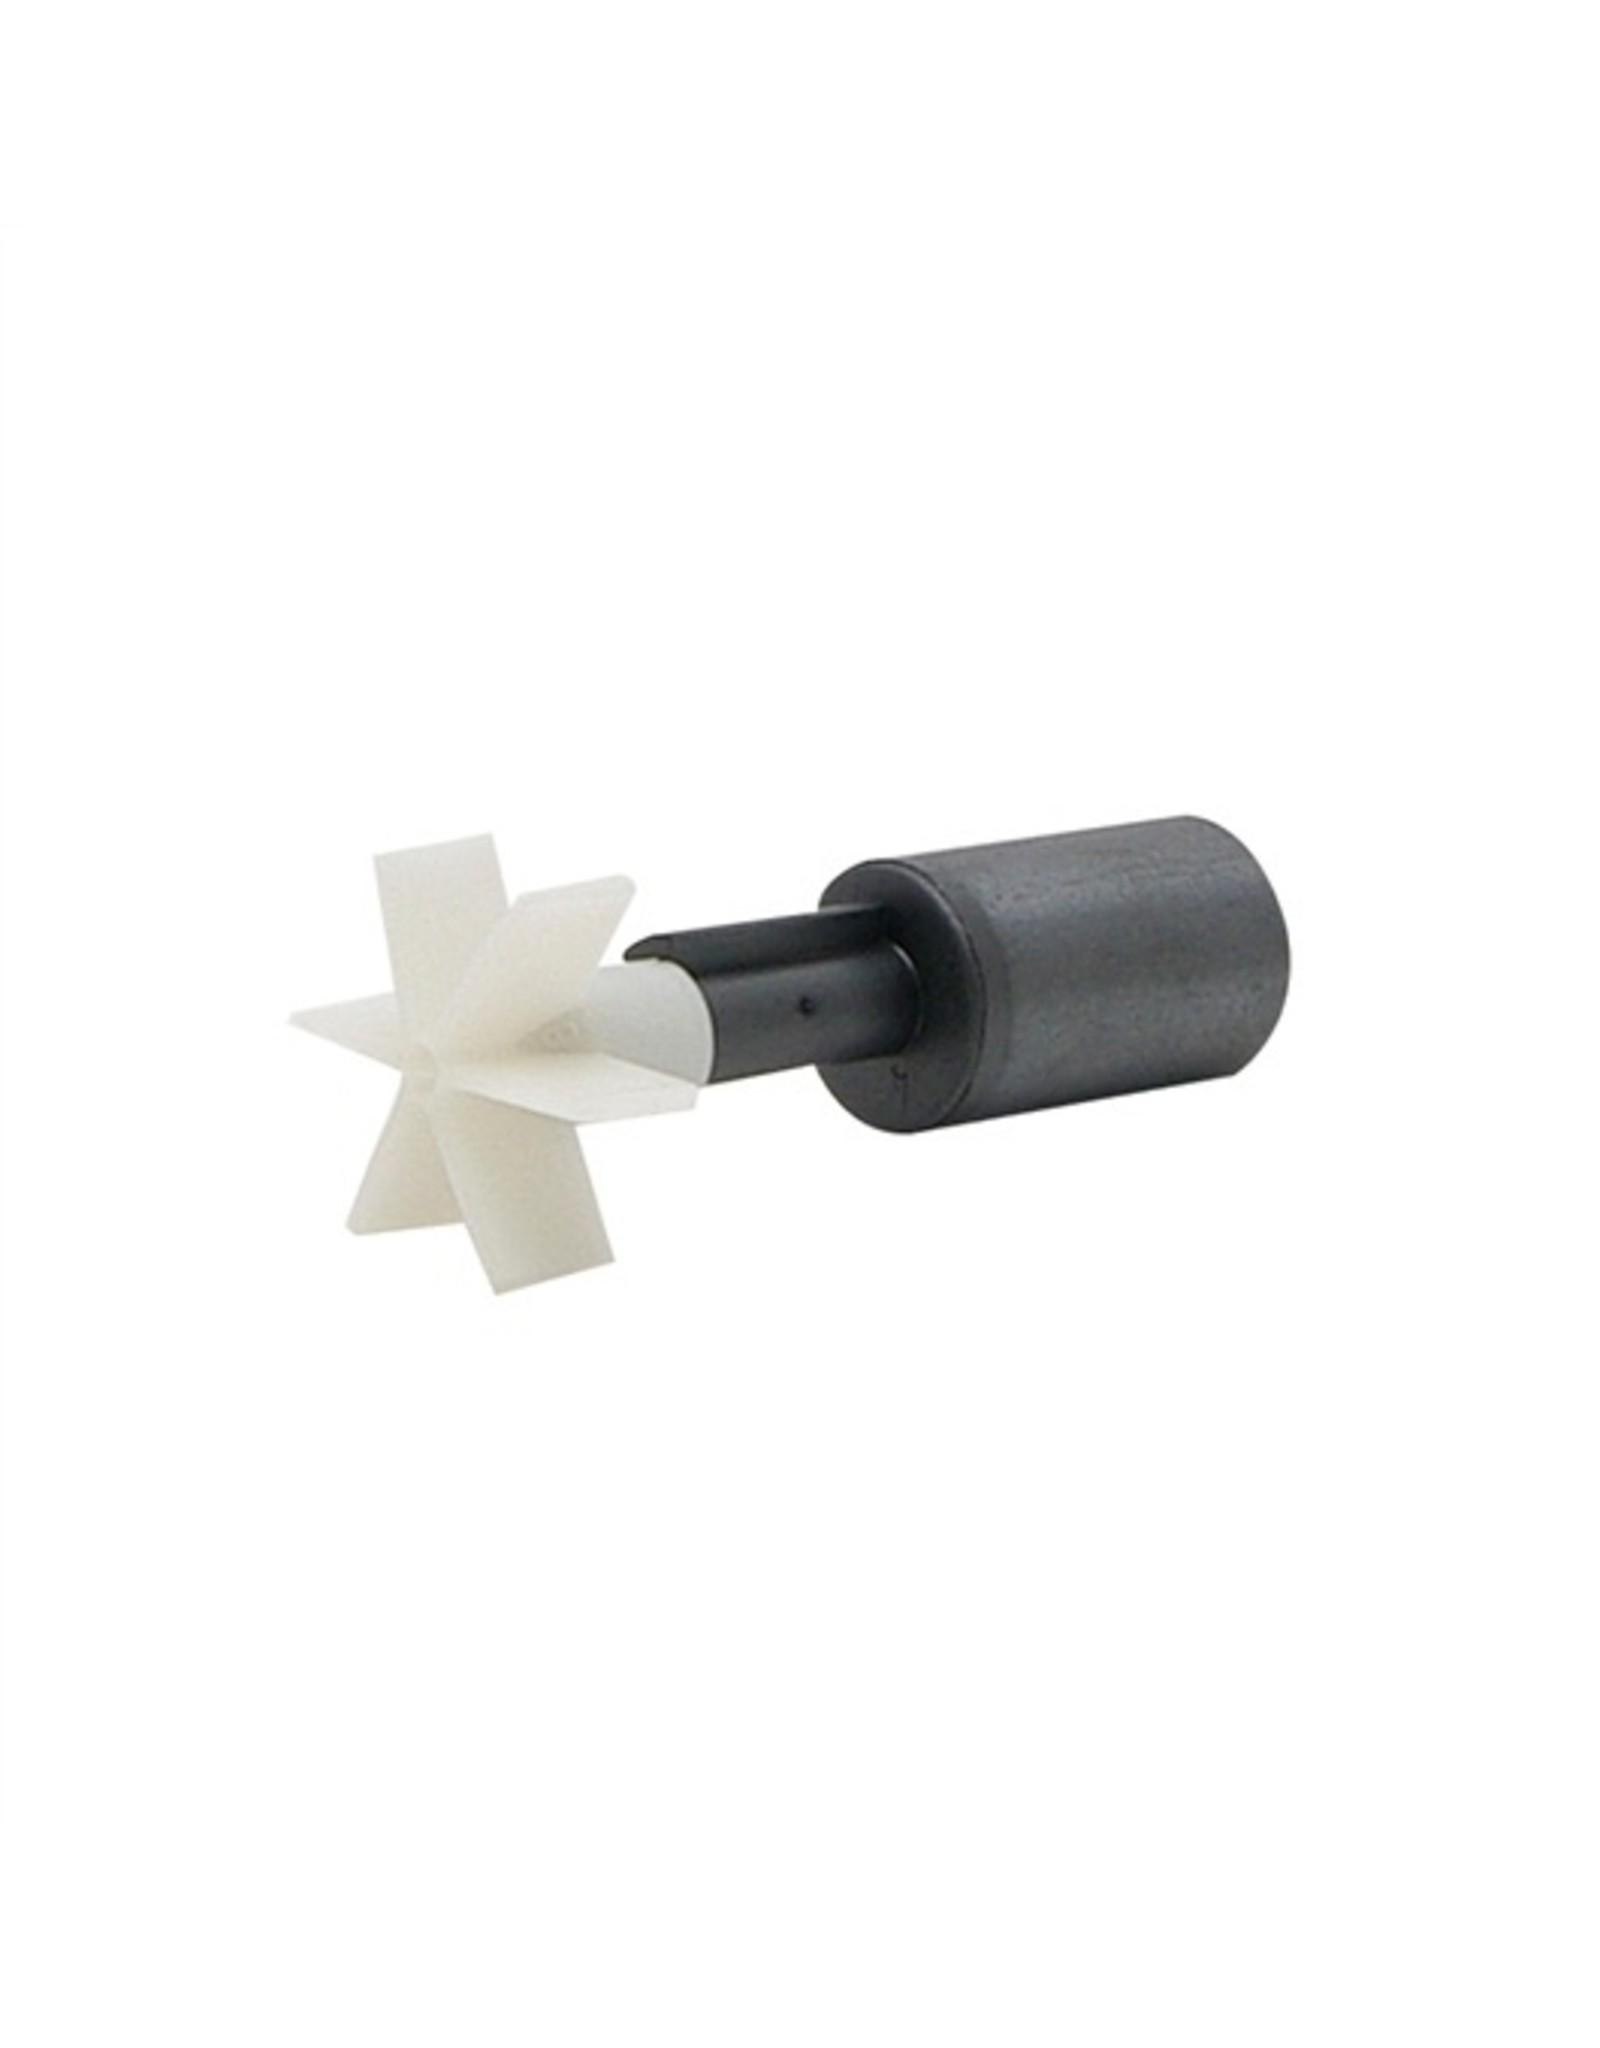 Aquaclear AQUACLEAR Impeller Assembly